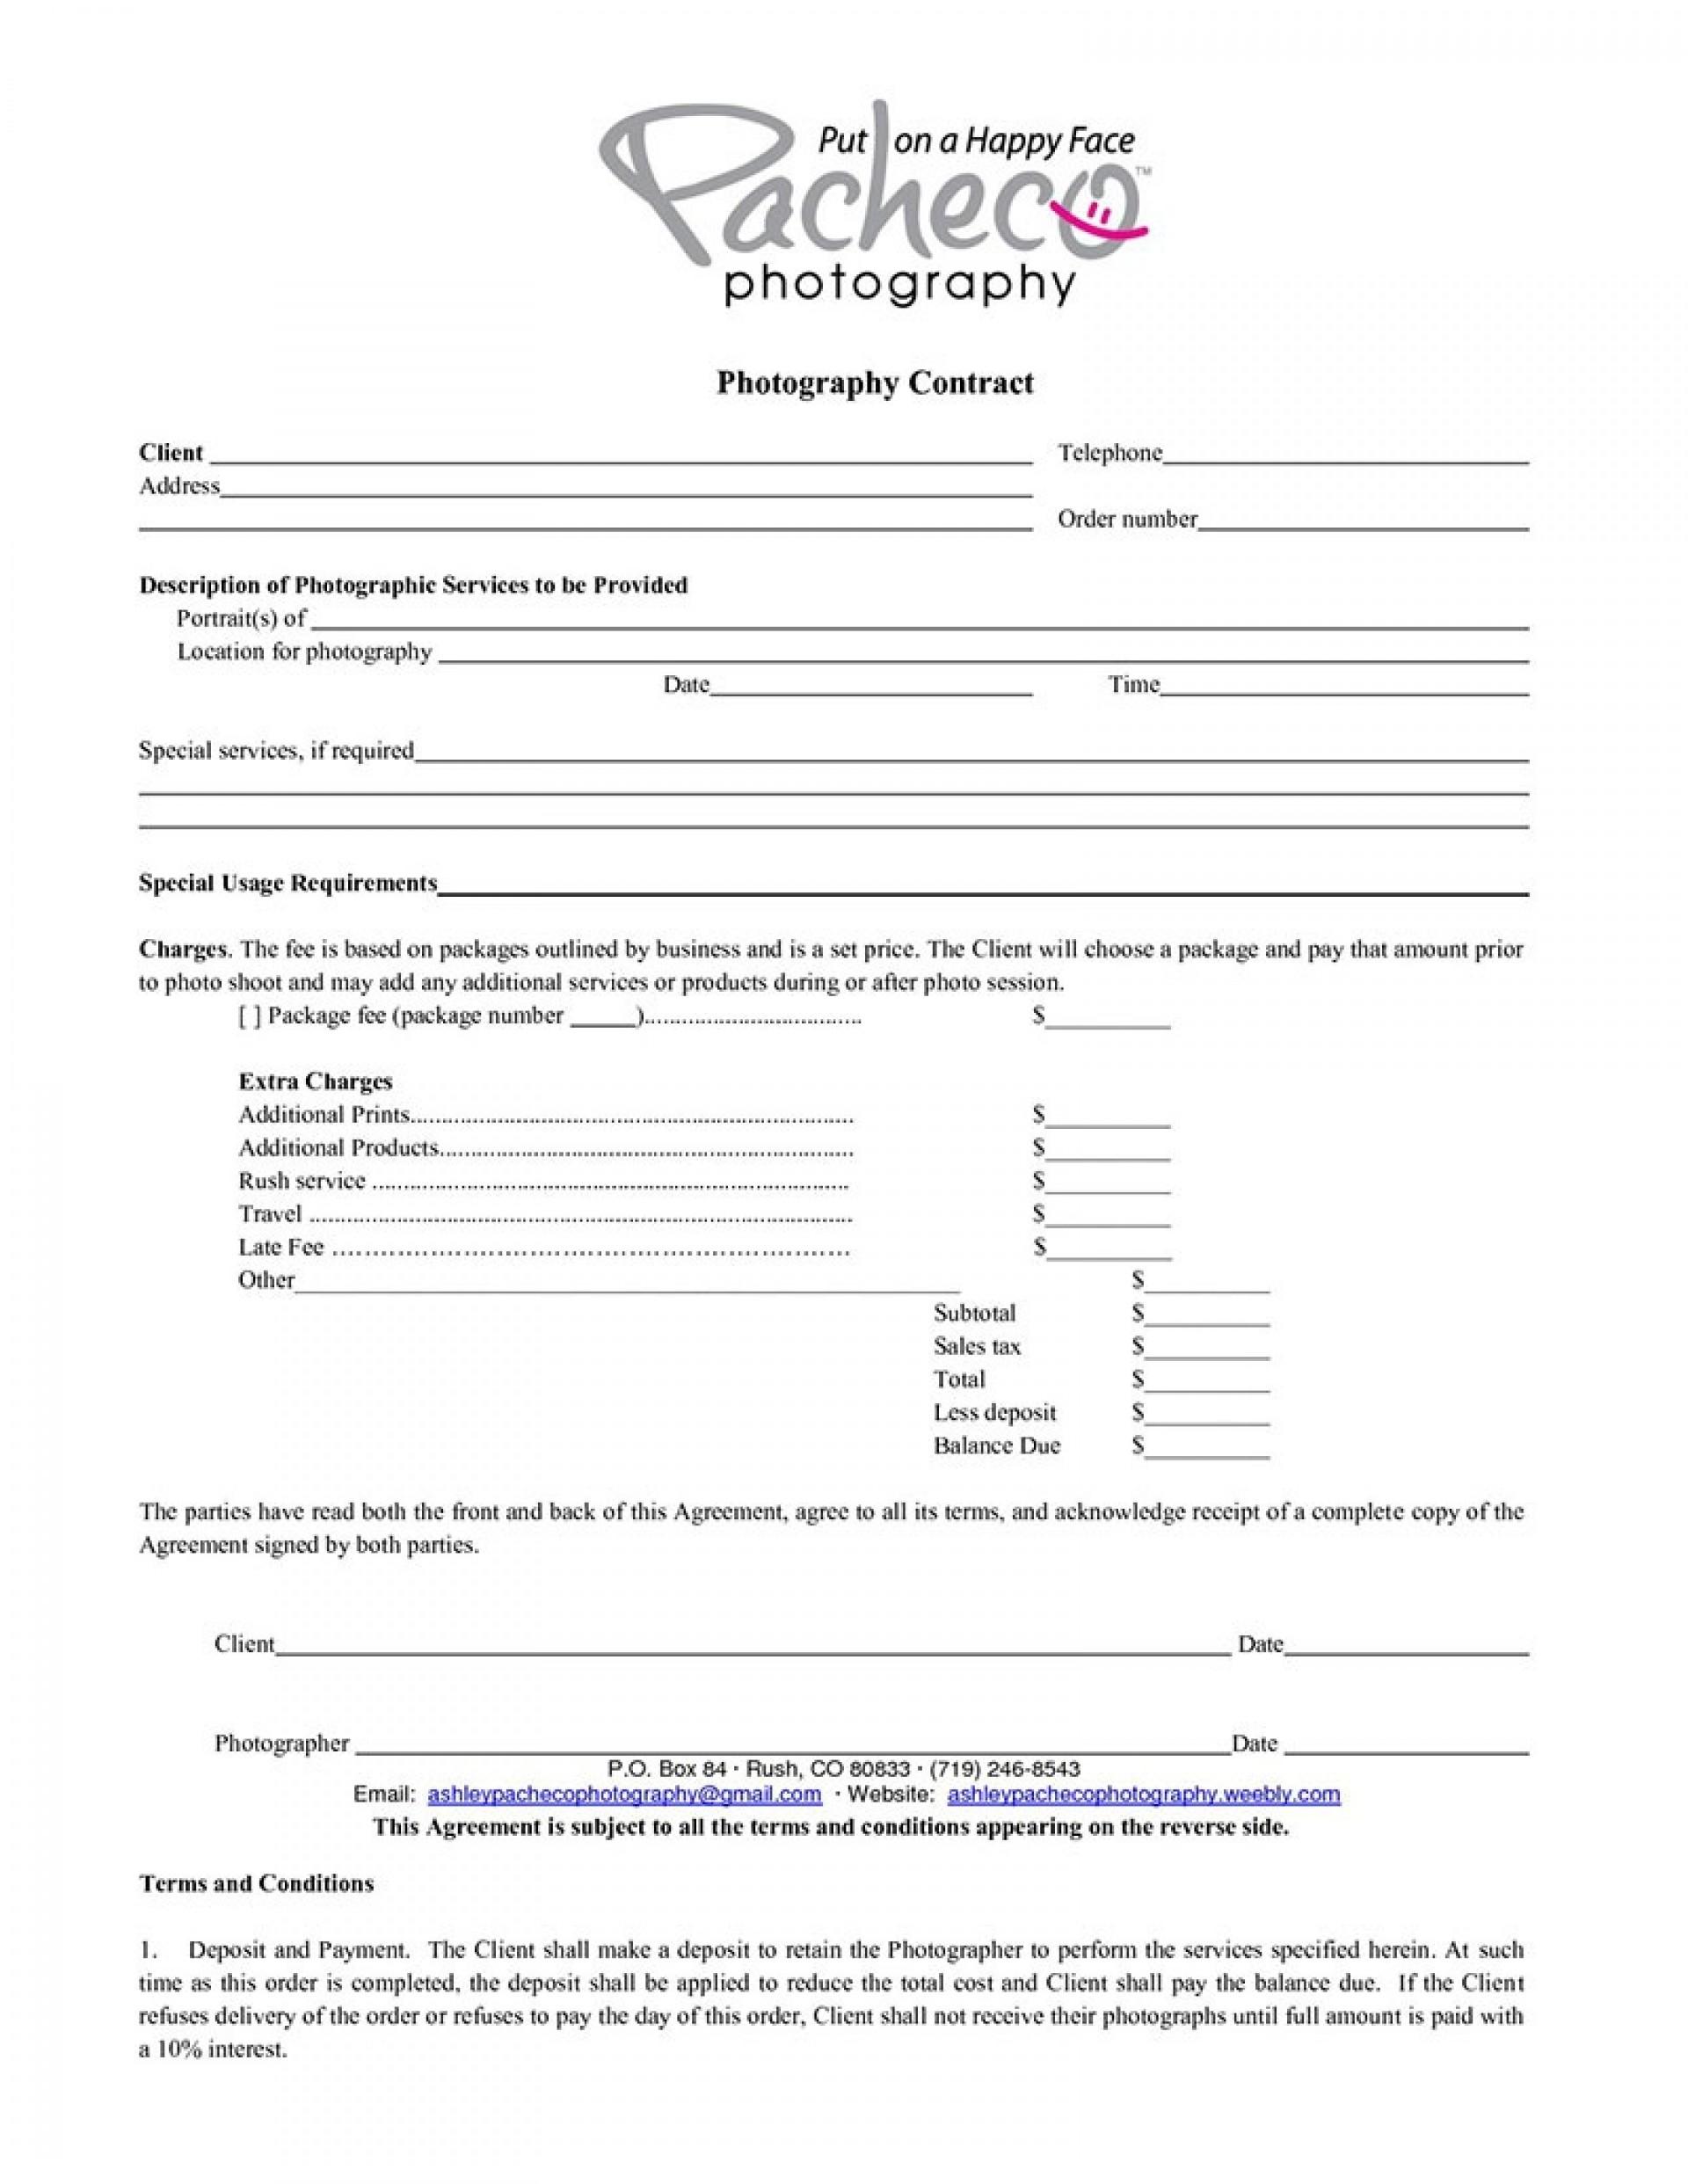 006 Wondrou Photography Contract Template Pdf Concept  Free Portrait1920